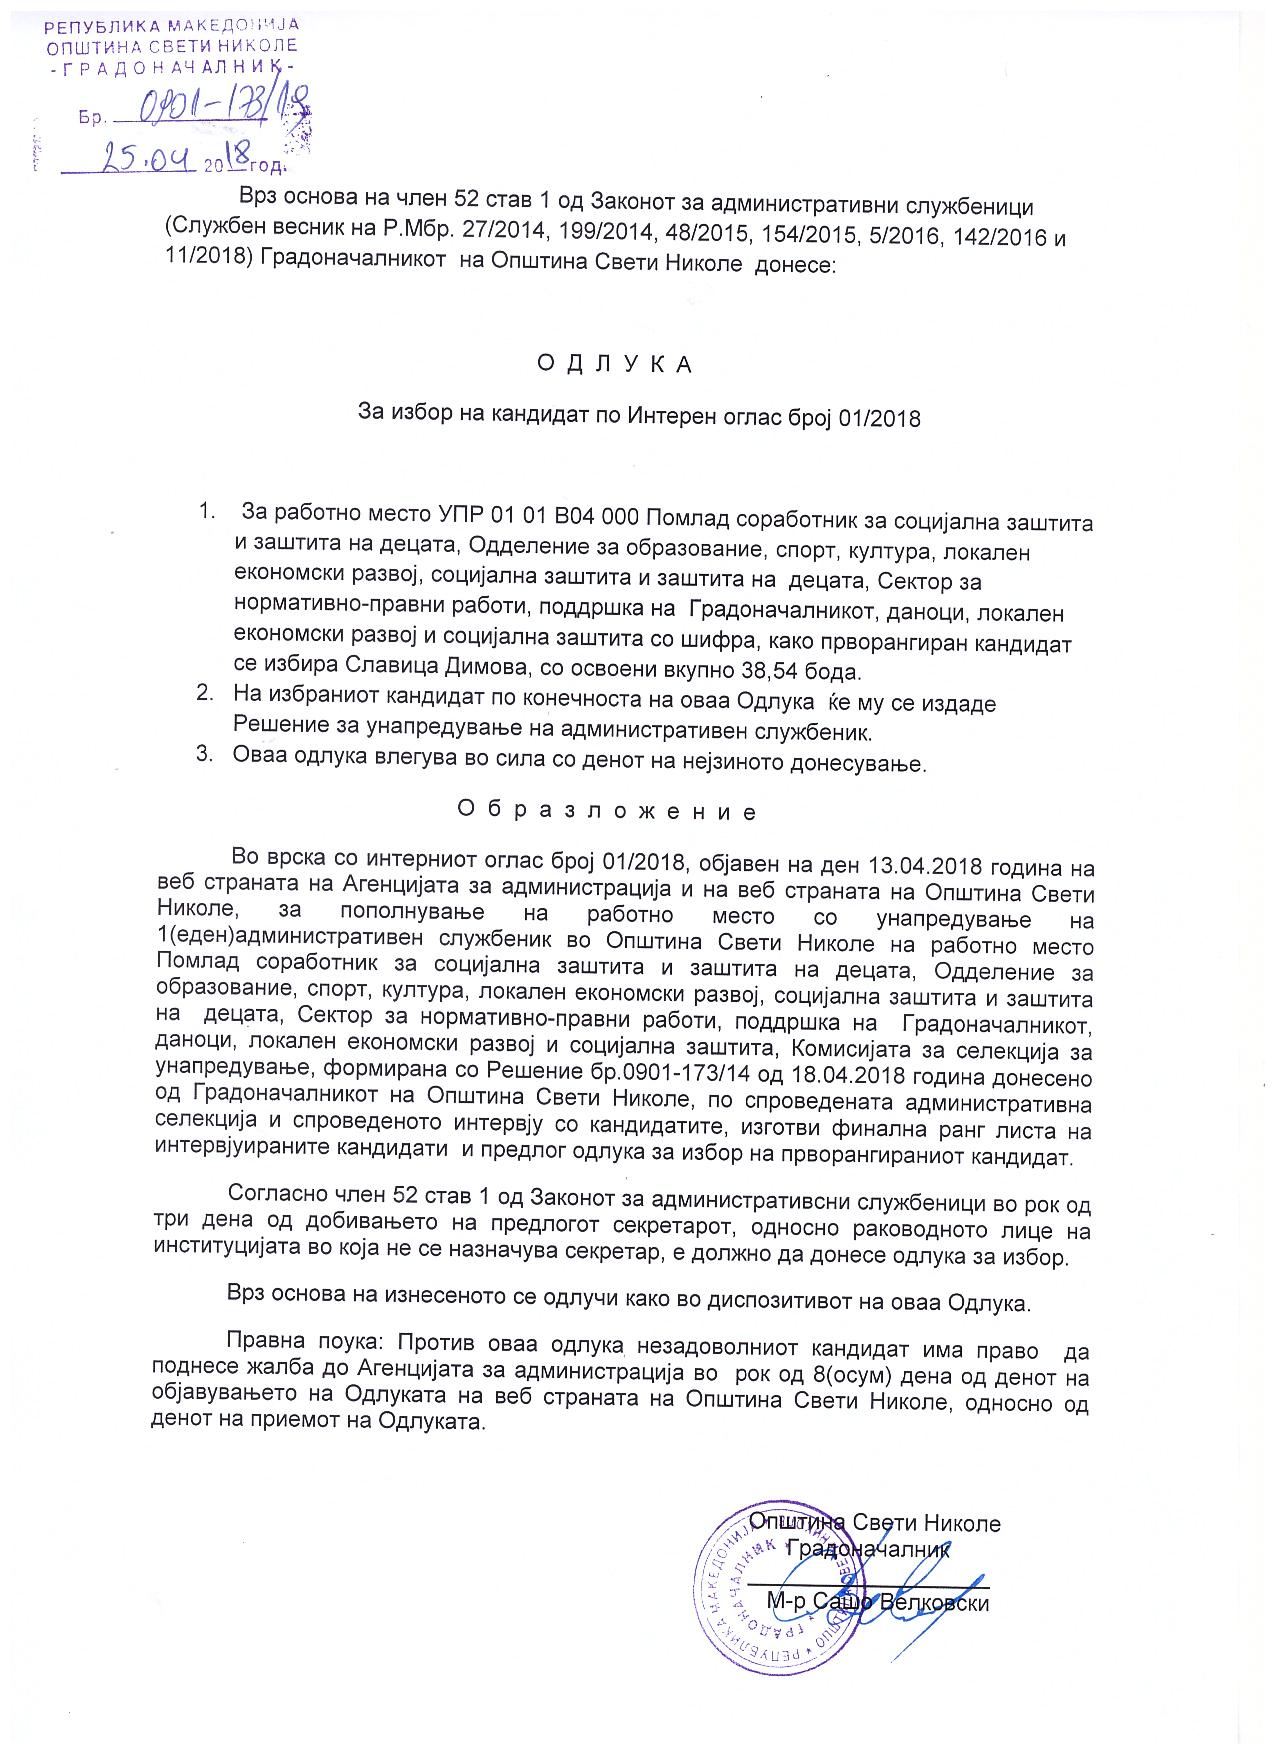 Одлука за избор на кандидат по интерен оглас бр 01/2018